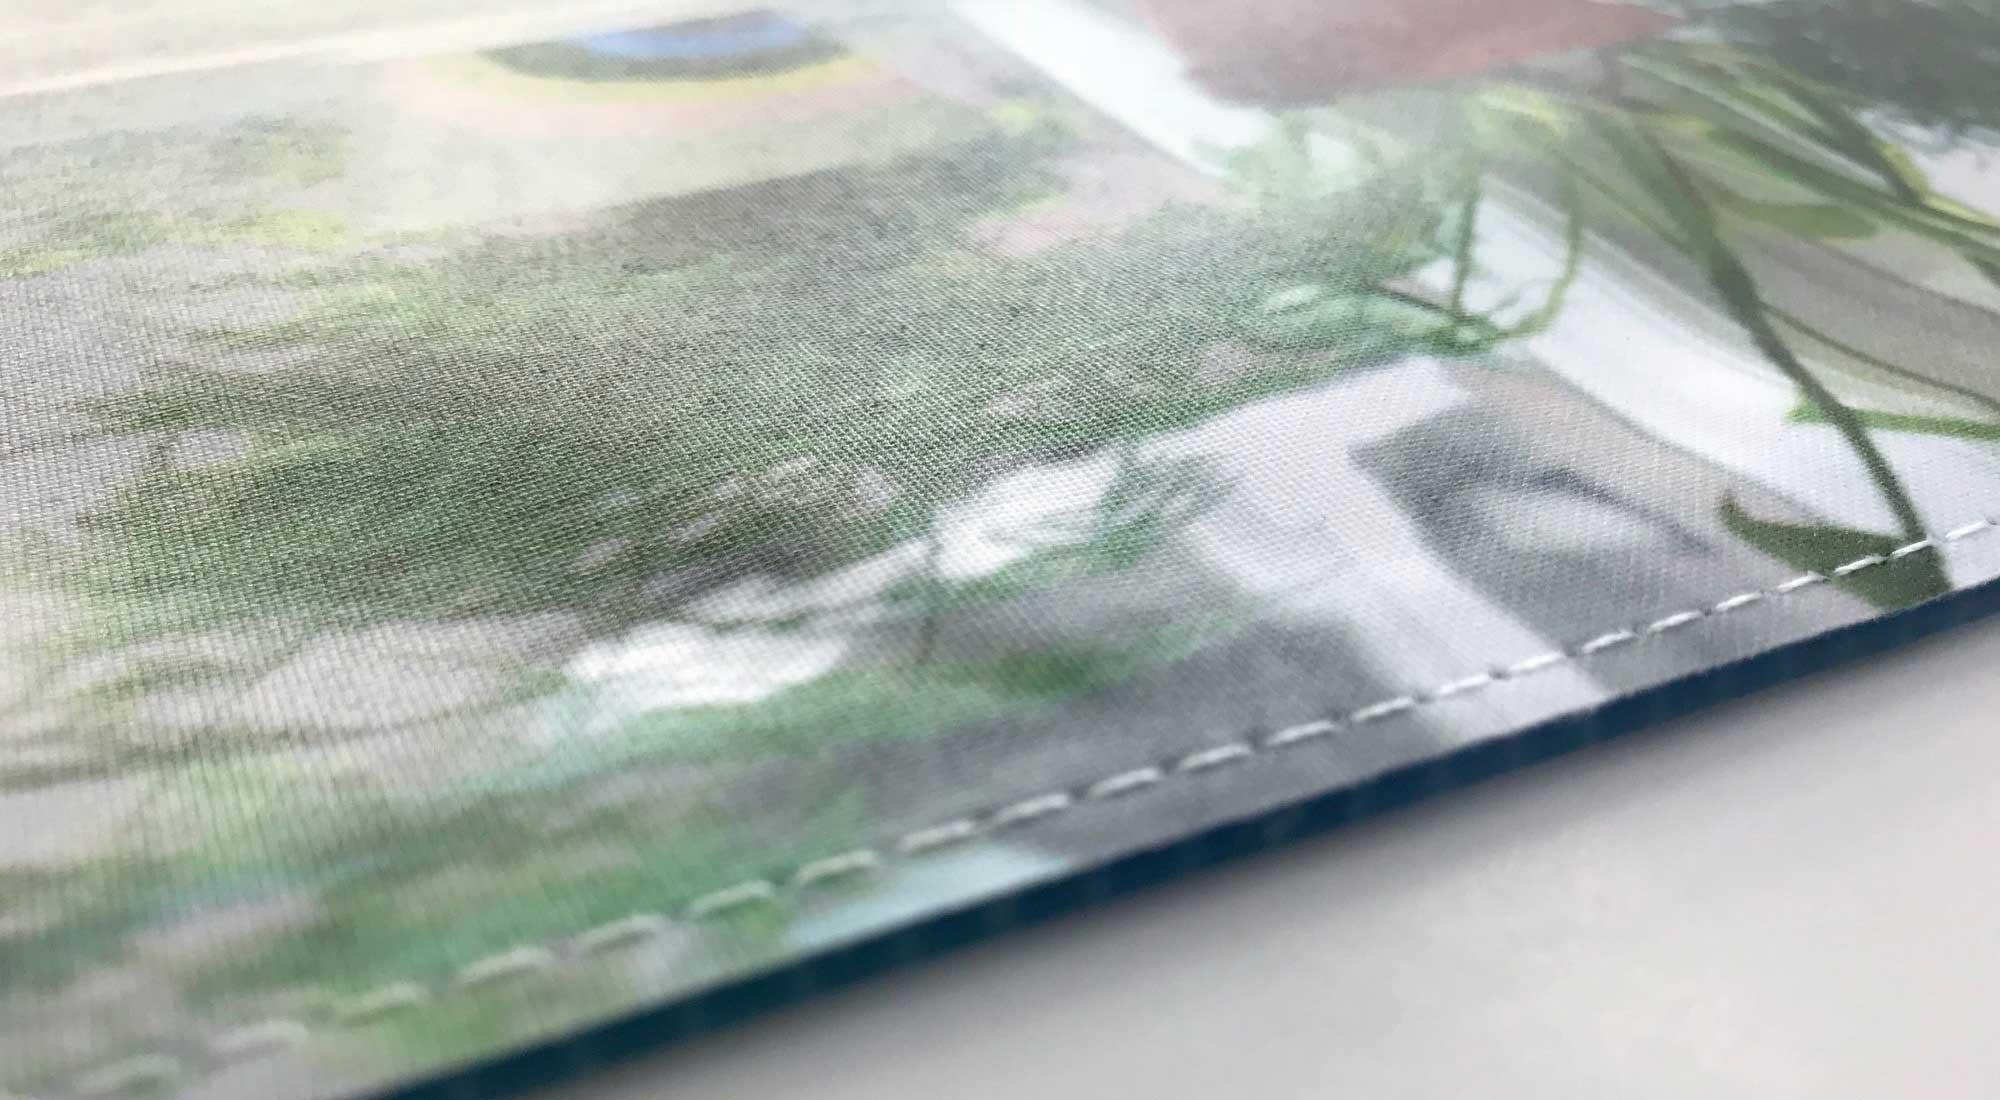 Bedruckter Stoff mit angenähtem Keder © Atelier Haase - Foto: Katharina Hansen-Gluschitz